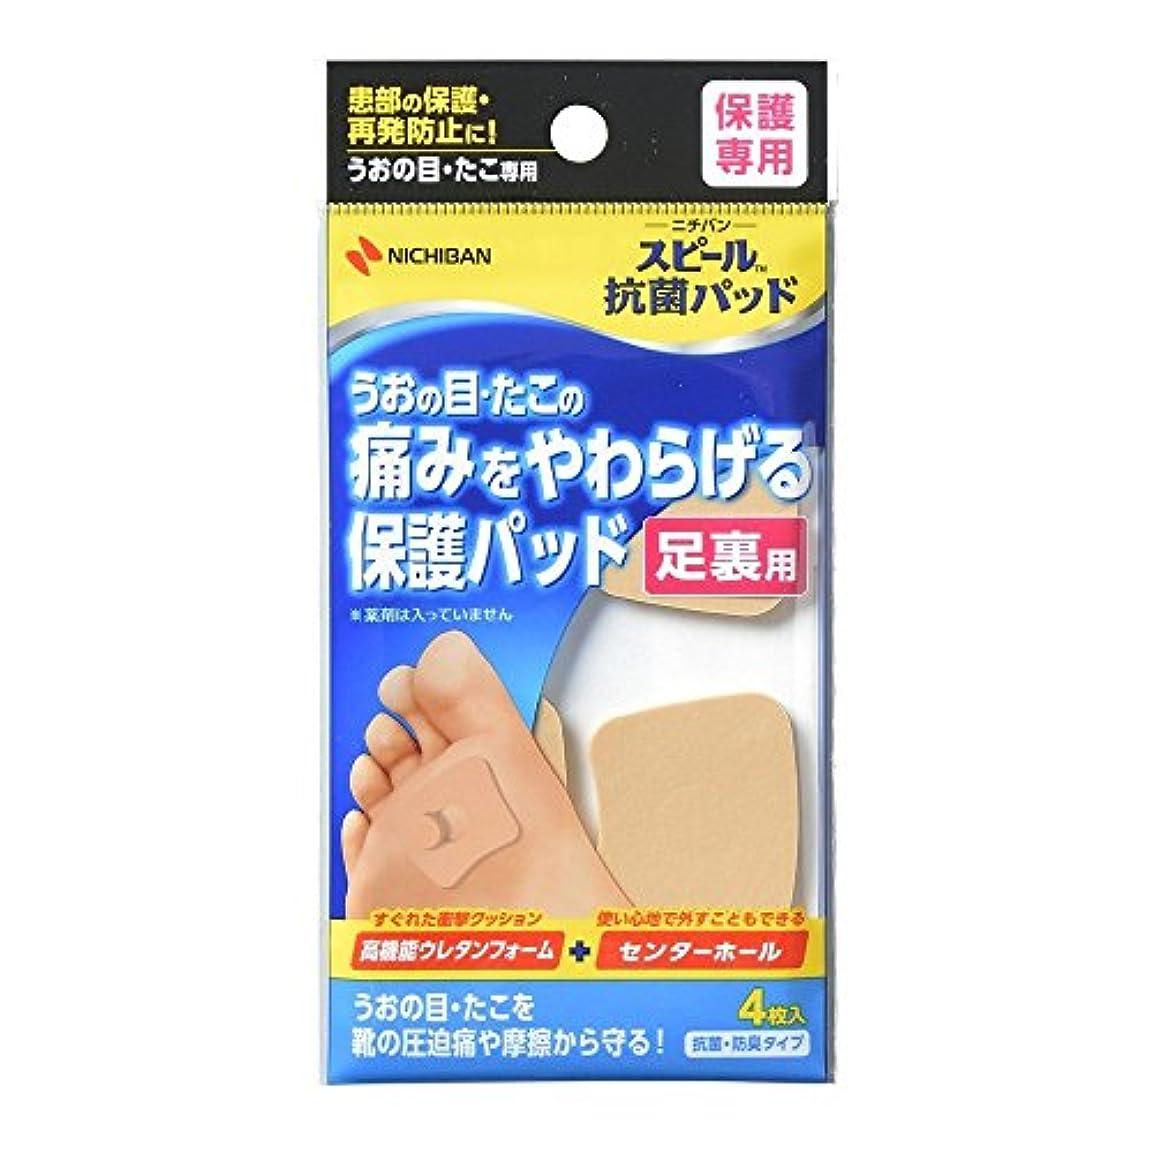 災害出版穴【ニチバン】スピール抗菌パッド 足裏用 SPPAU 4枚 ×3個セット